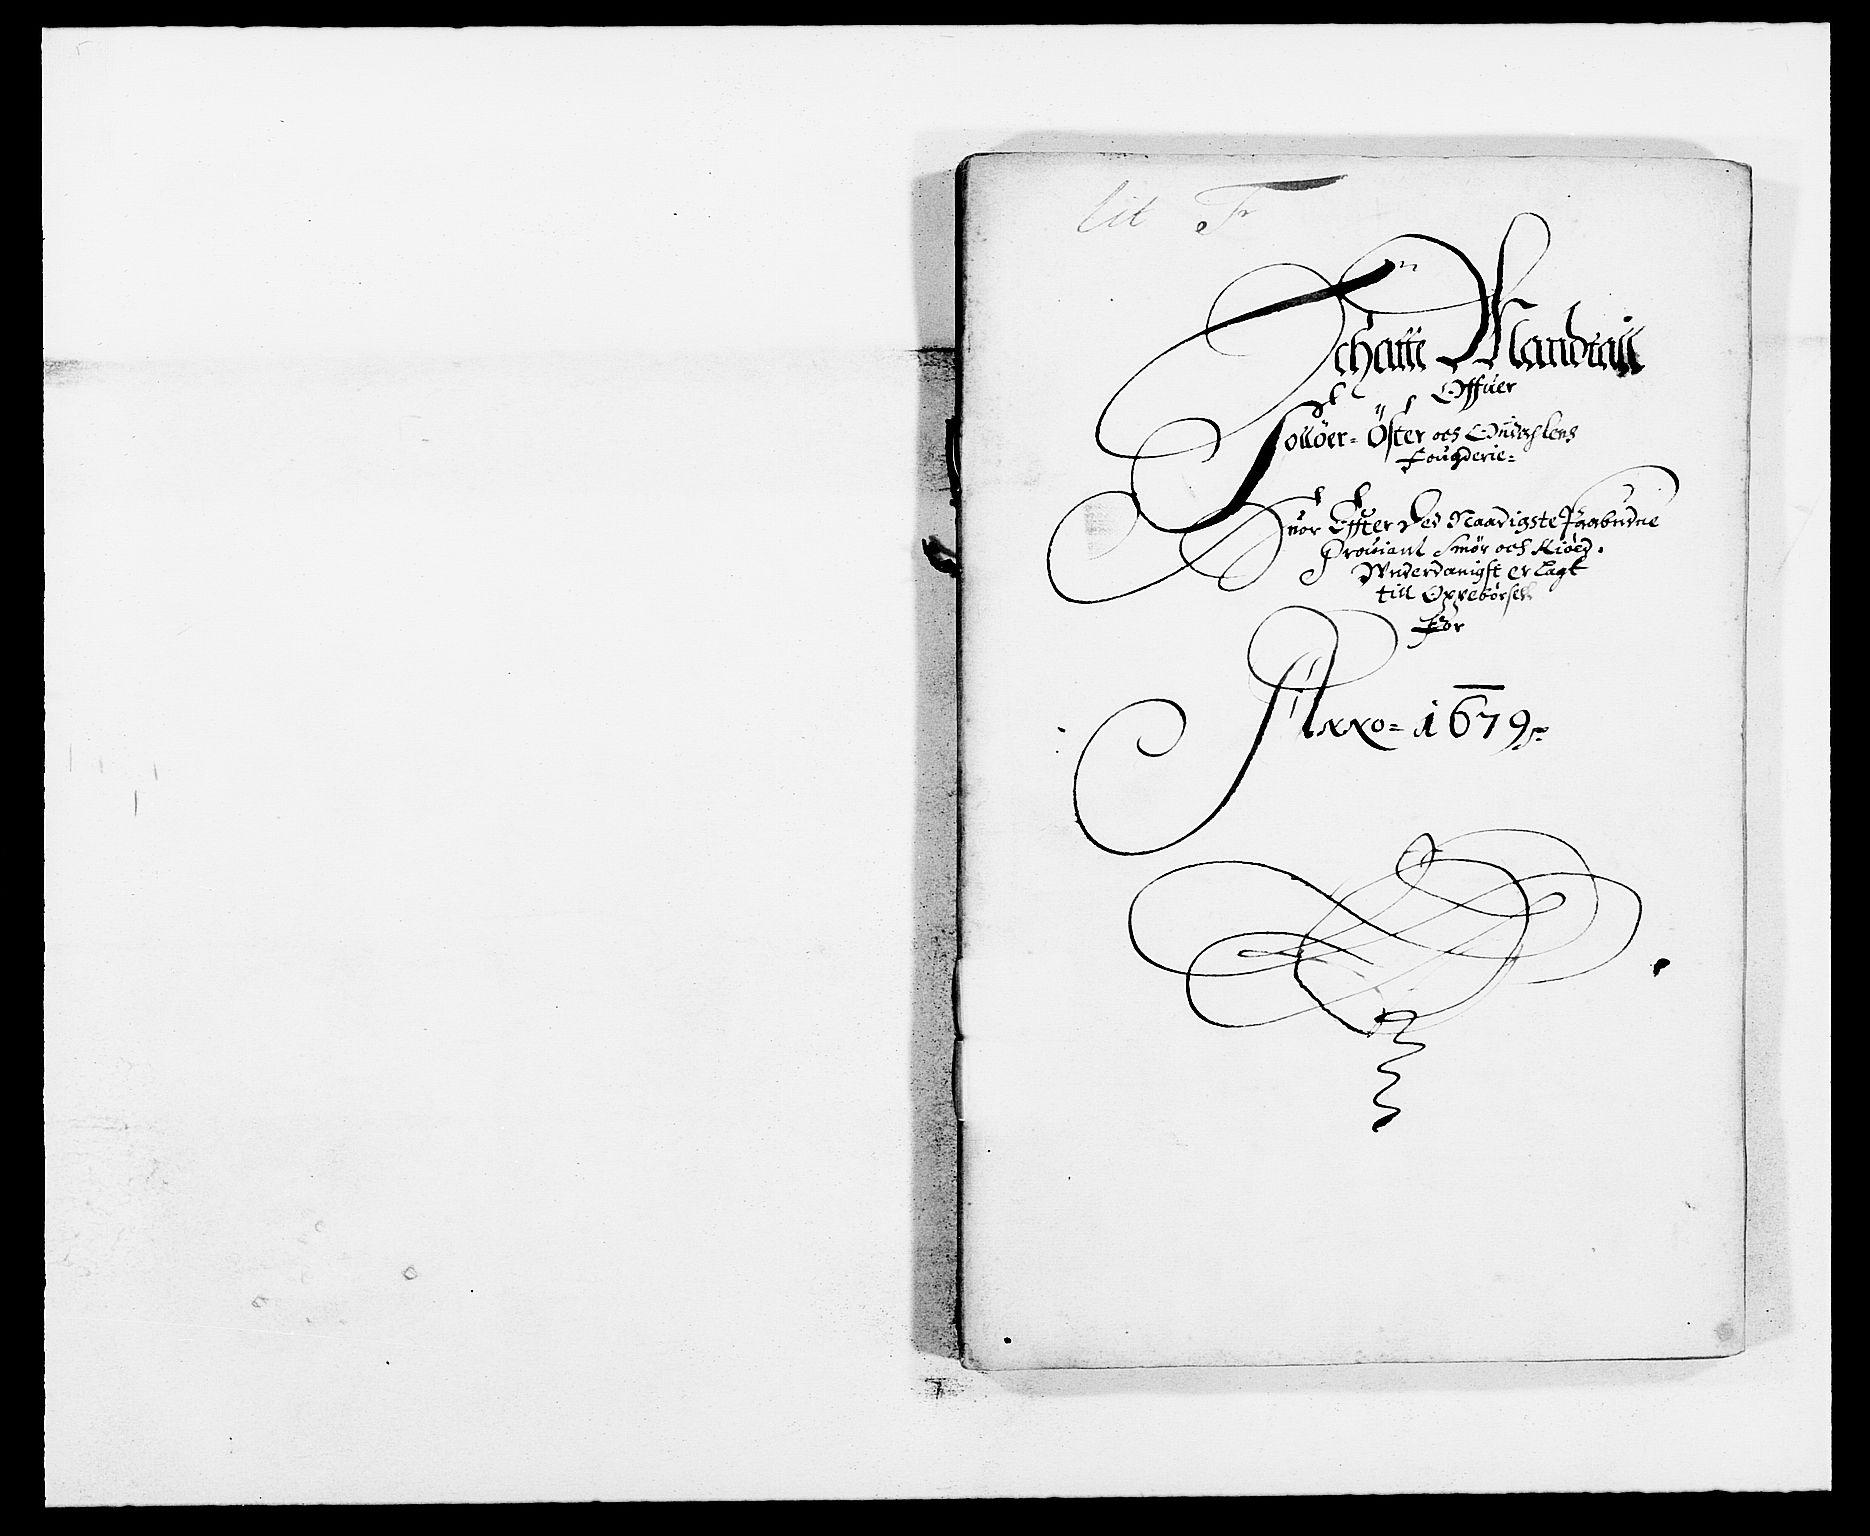 RA, Rentekammeret inntil 1814, Reviderte regnskaper, Fogderegnskap, R13/L0816: Fogderegnskap Solør, Odal og Østerdal, 1679, s. 234